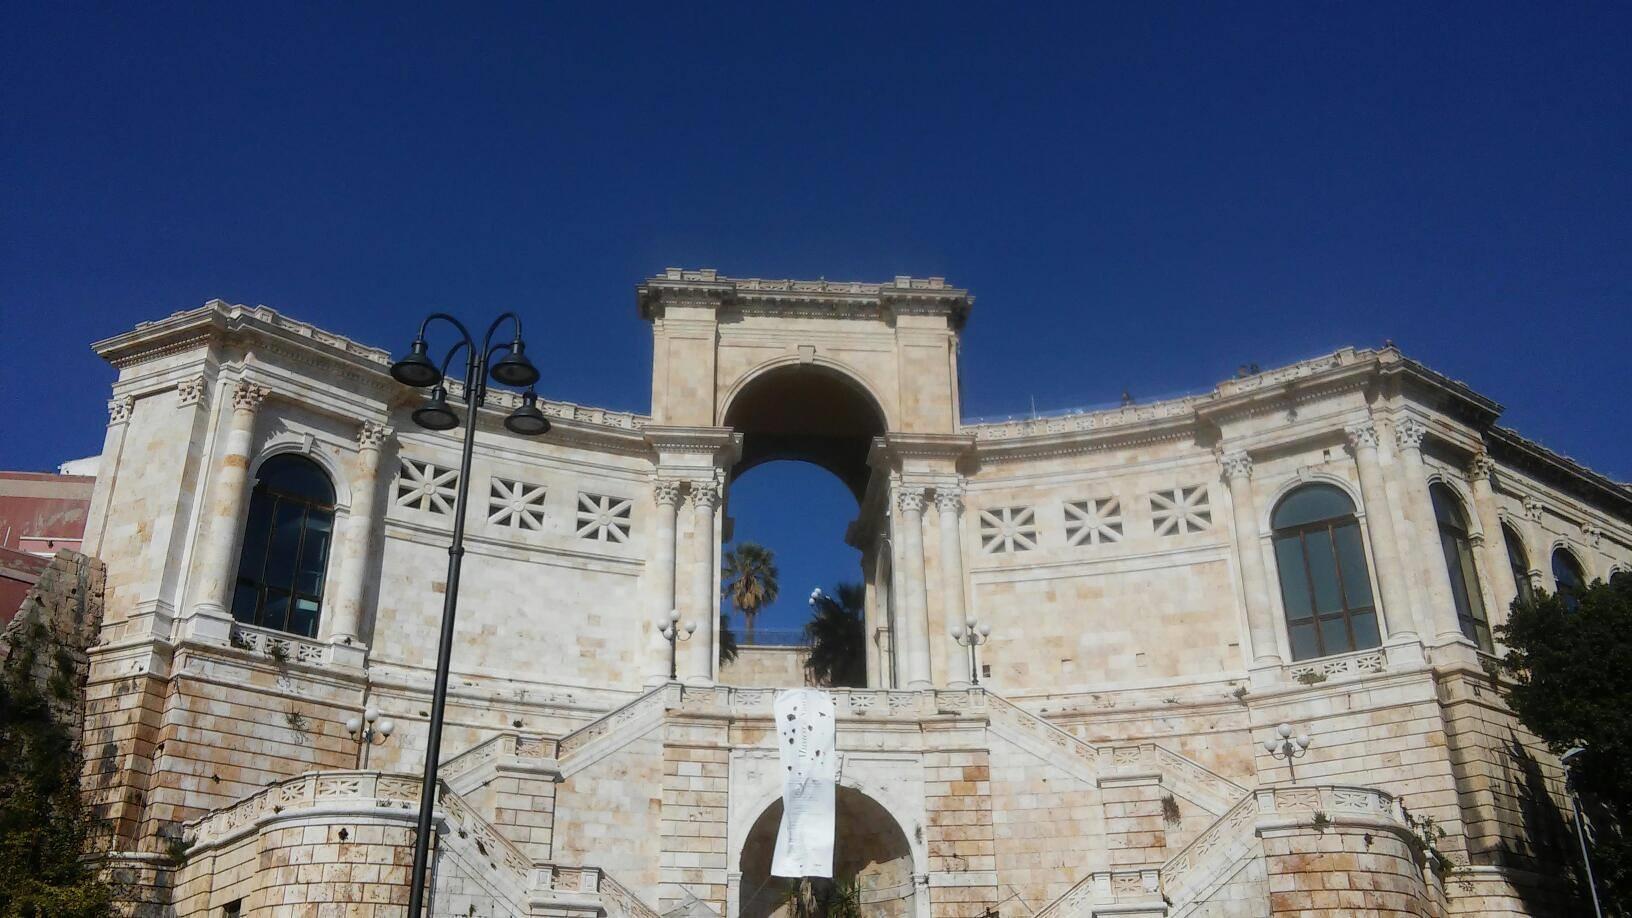 Cosa vedere e cosa fare a Cagliari: monumenti da visitare a